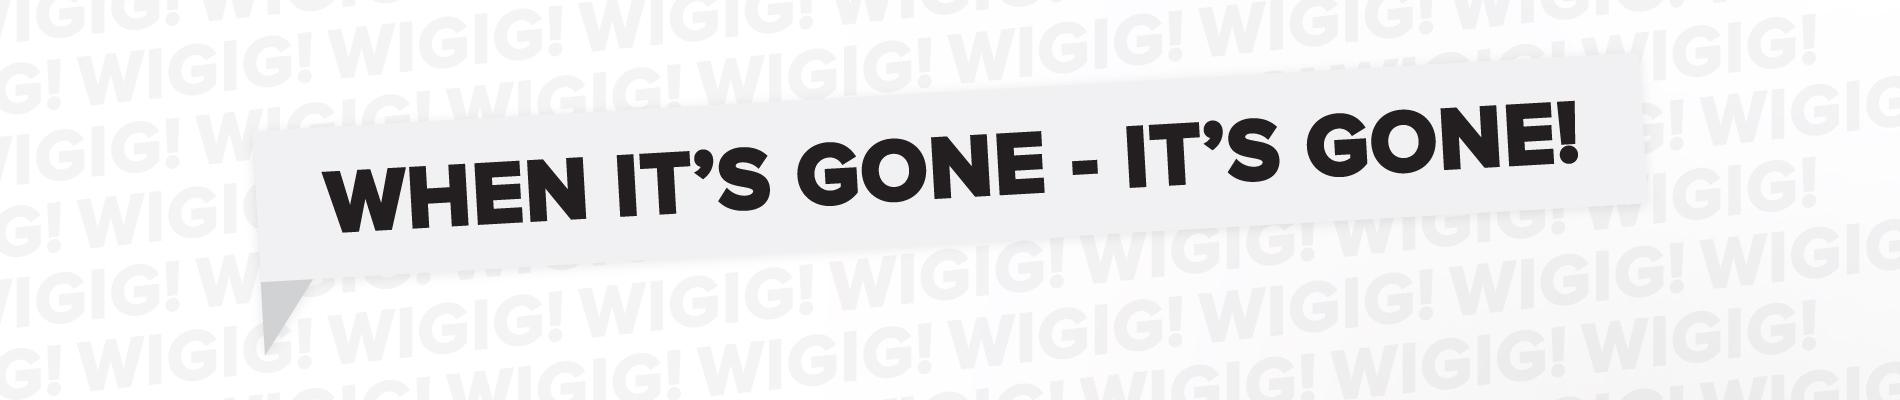 When It'S Gone, It'S Gone